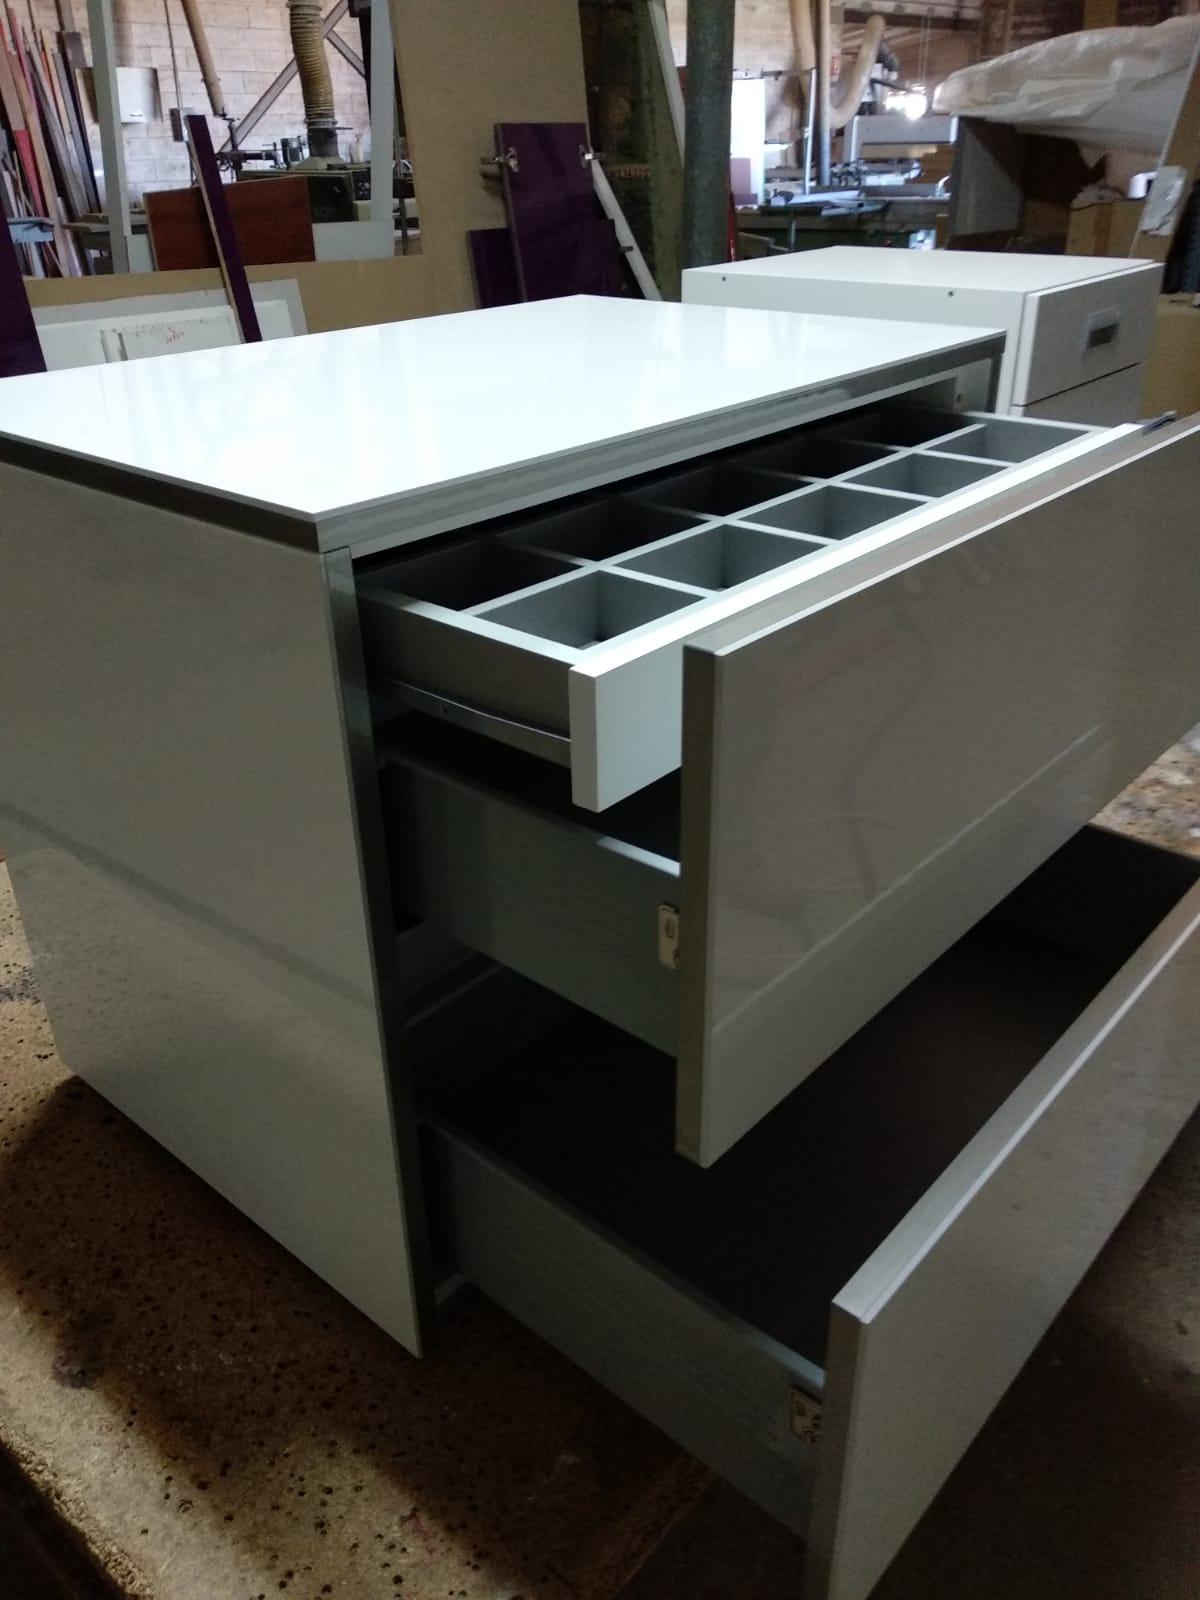 Cajones con detalles: mueble a medida